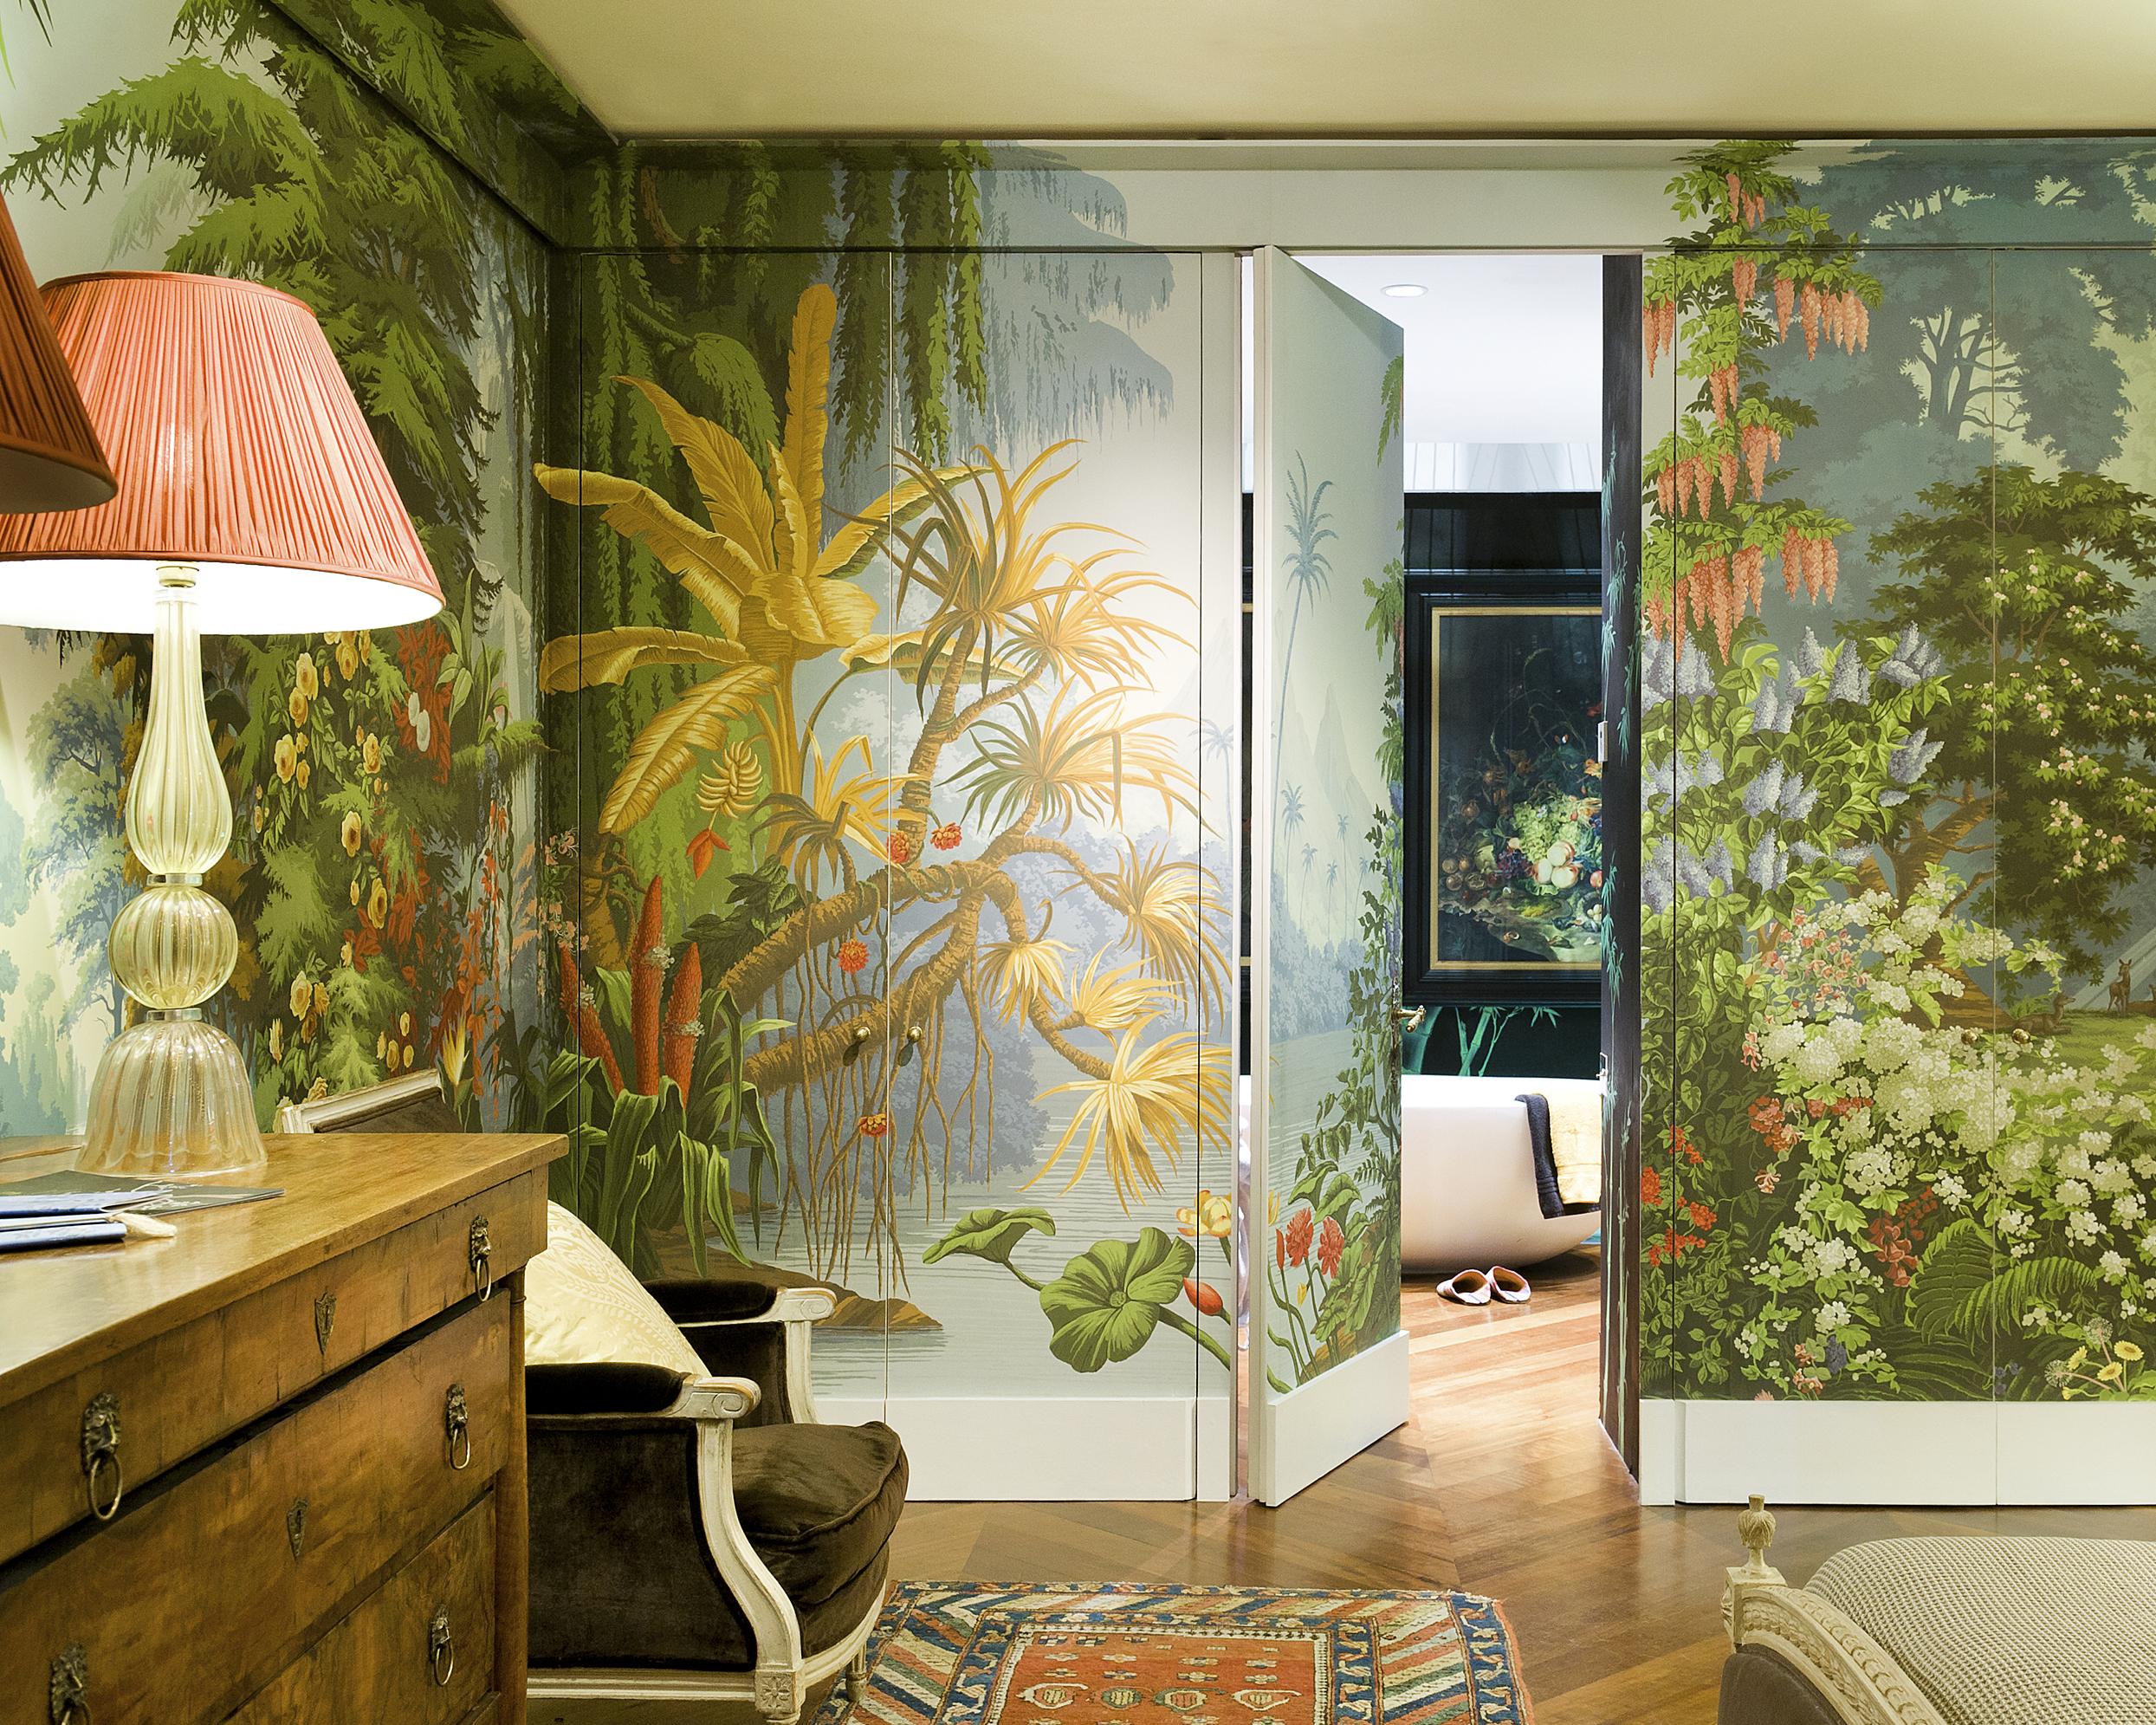 De Gournay Wallpaper Images Crazy Gallery 2489x1991